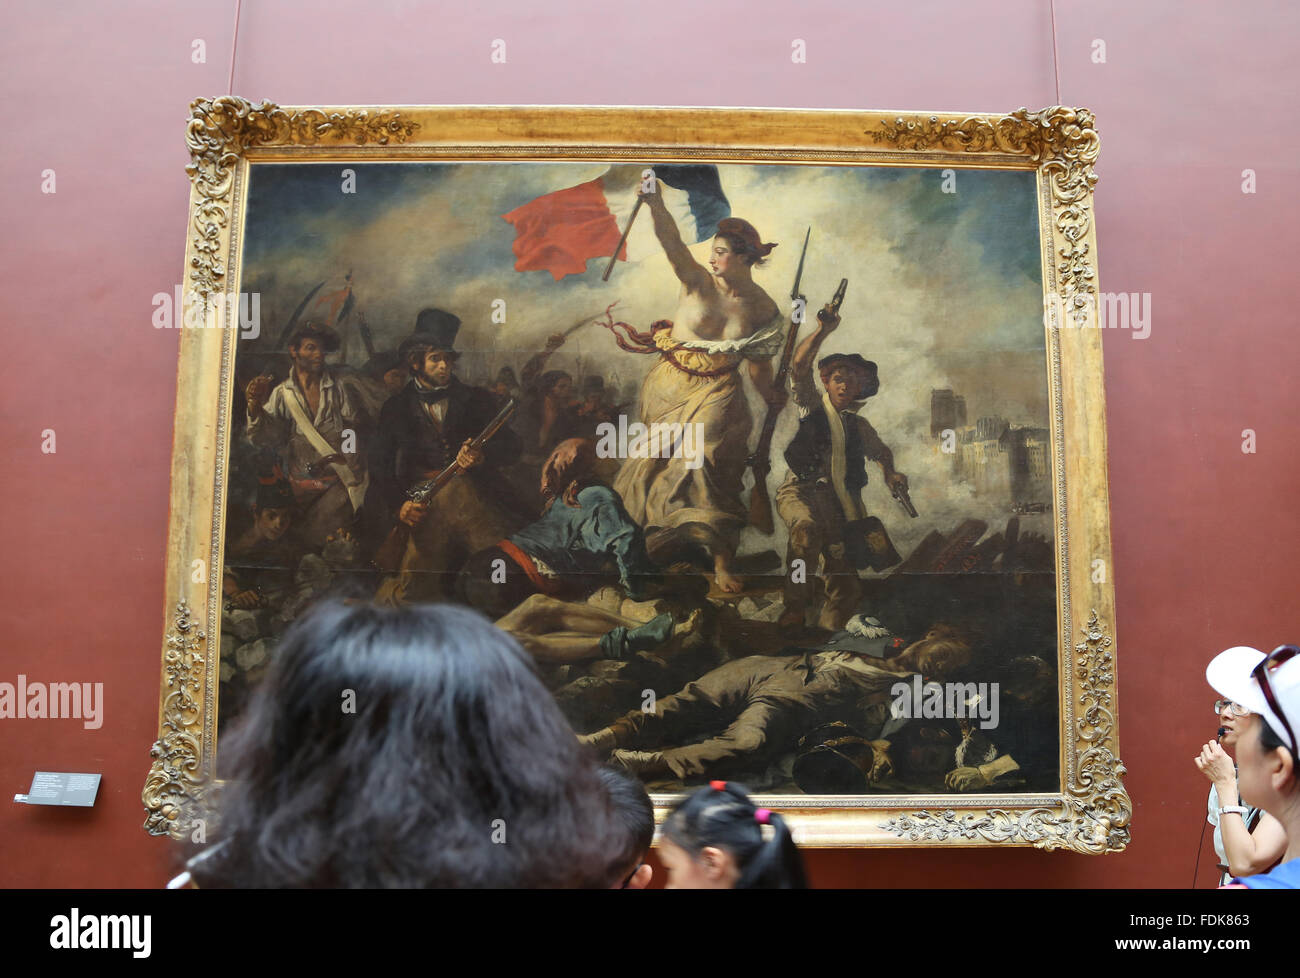 L'intérieur Tourisme Musée du Louvre. La liberté guidant le peuple, 1831. Par Eugène Delacroix. Photo Stock